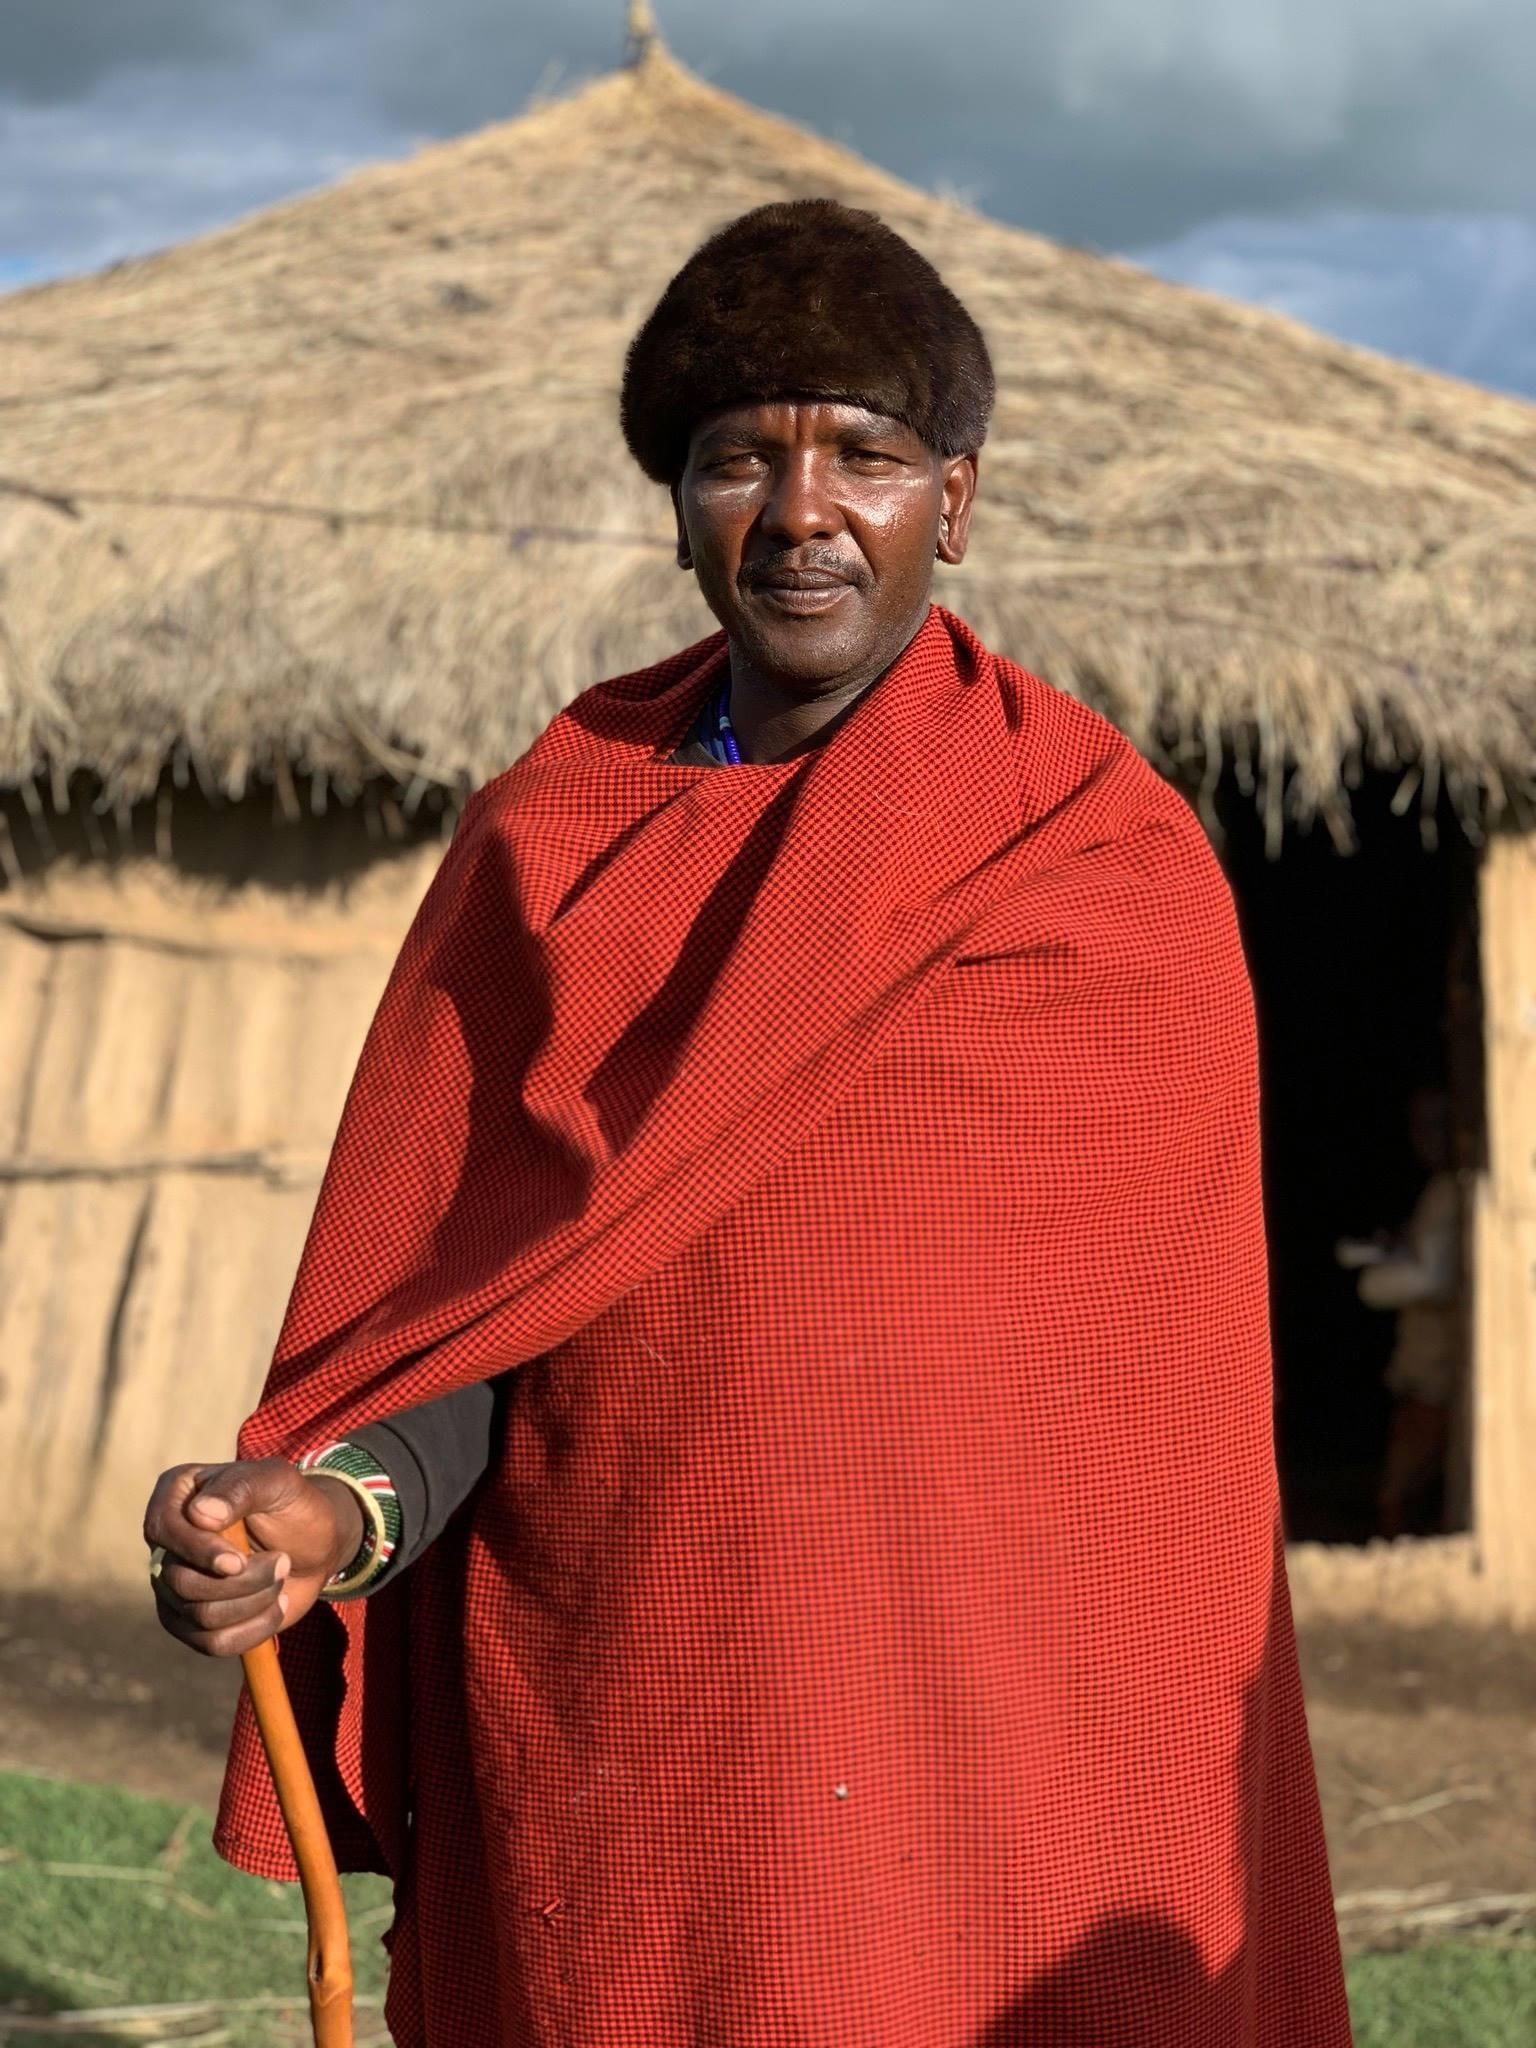 Maasai healer